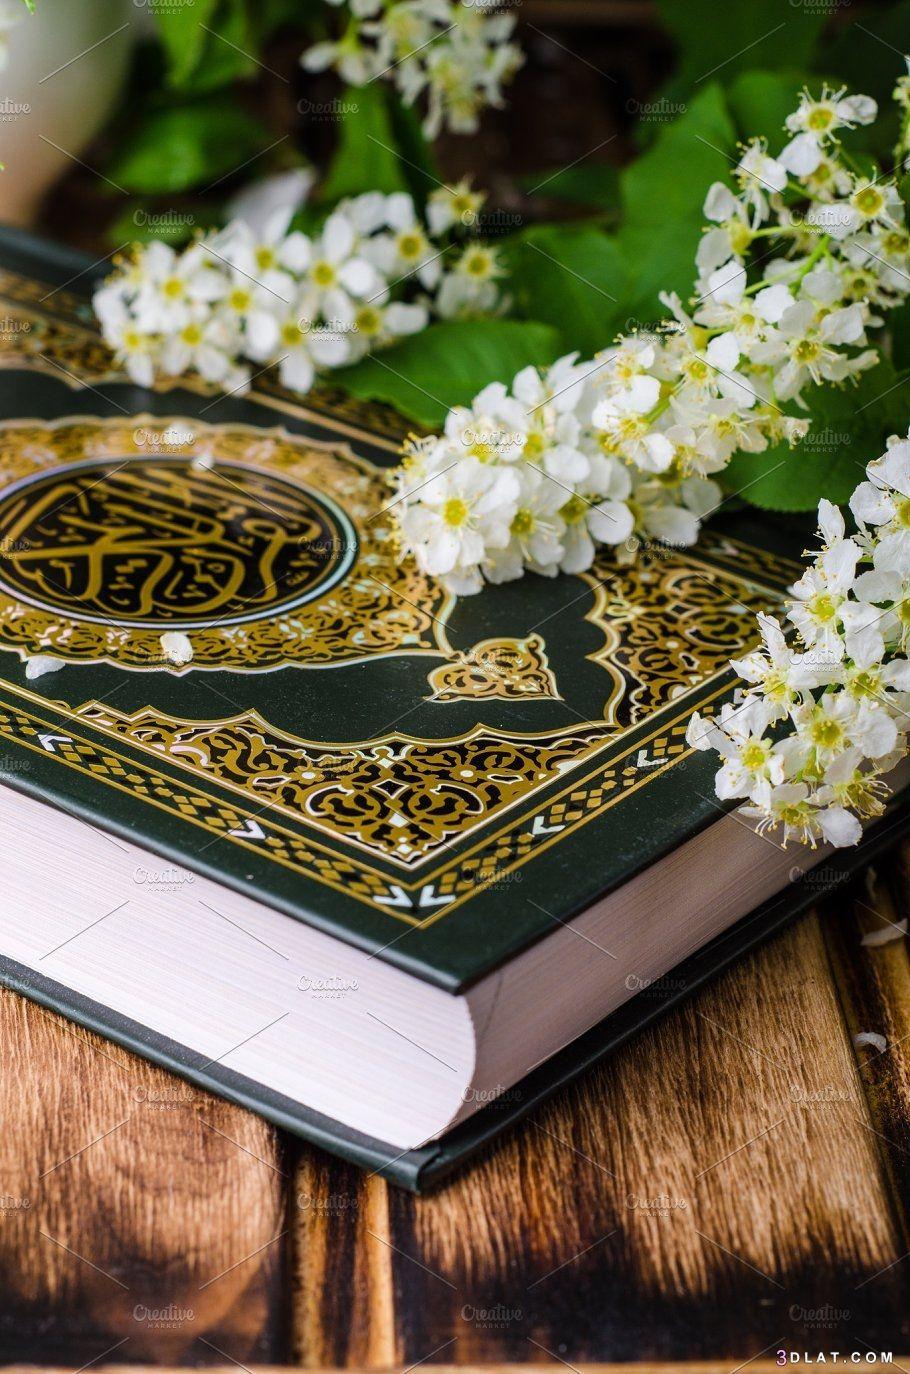 اجمل خلفيات مصاحف روعه 2019 احلى صور القرأن الكريم صور مصاحف 2019 Islamic Wallpaper Quran Quran Book